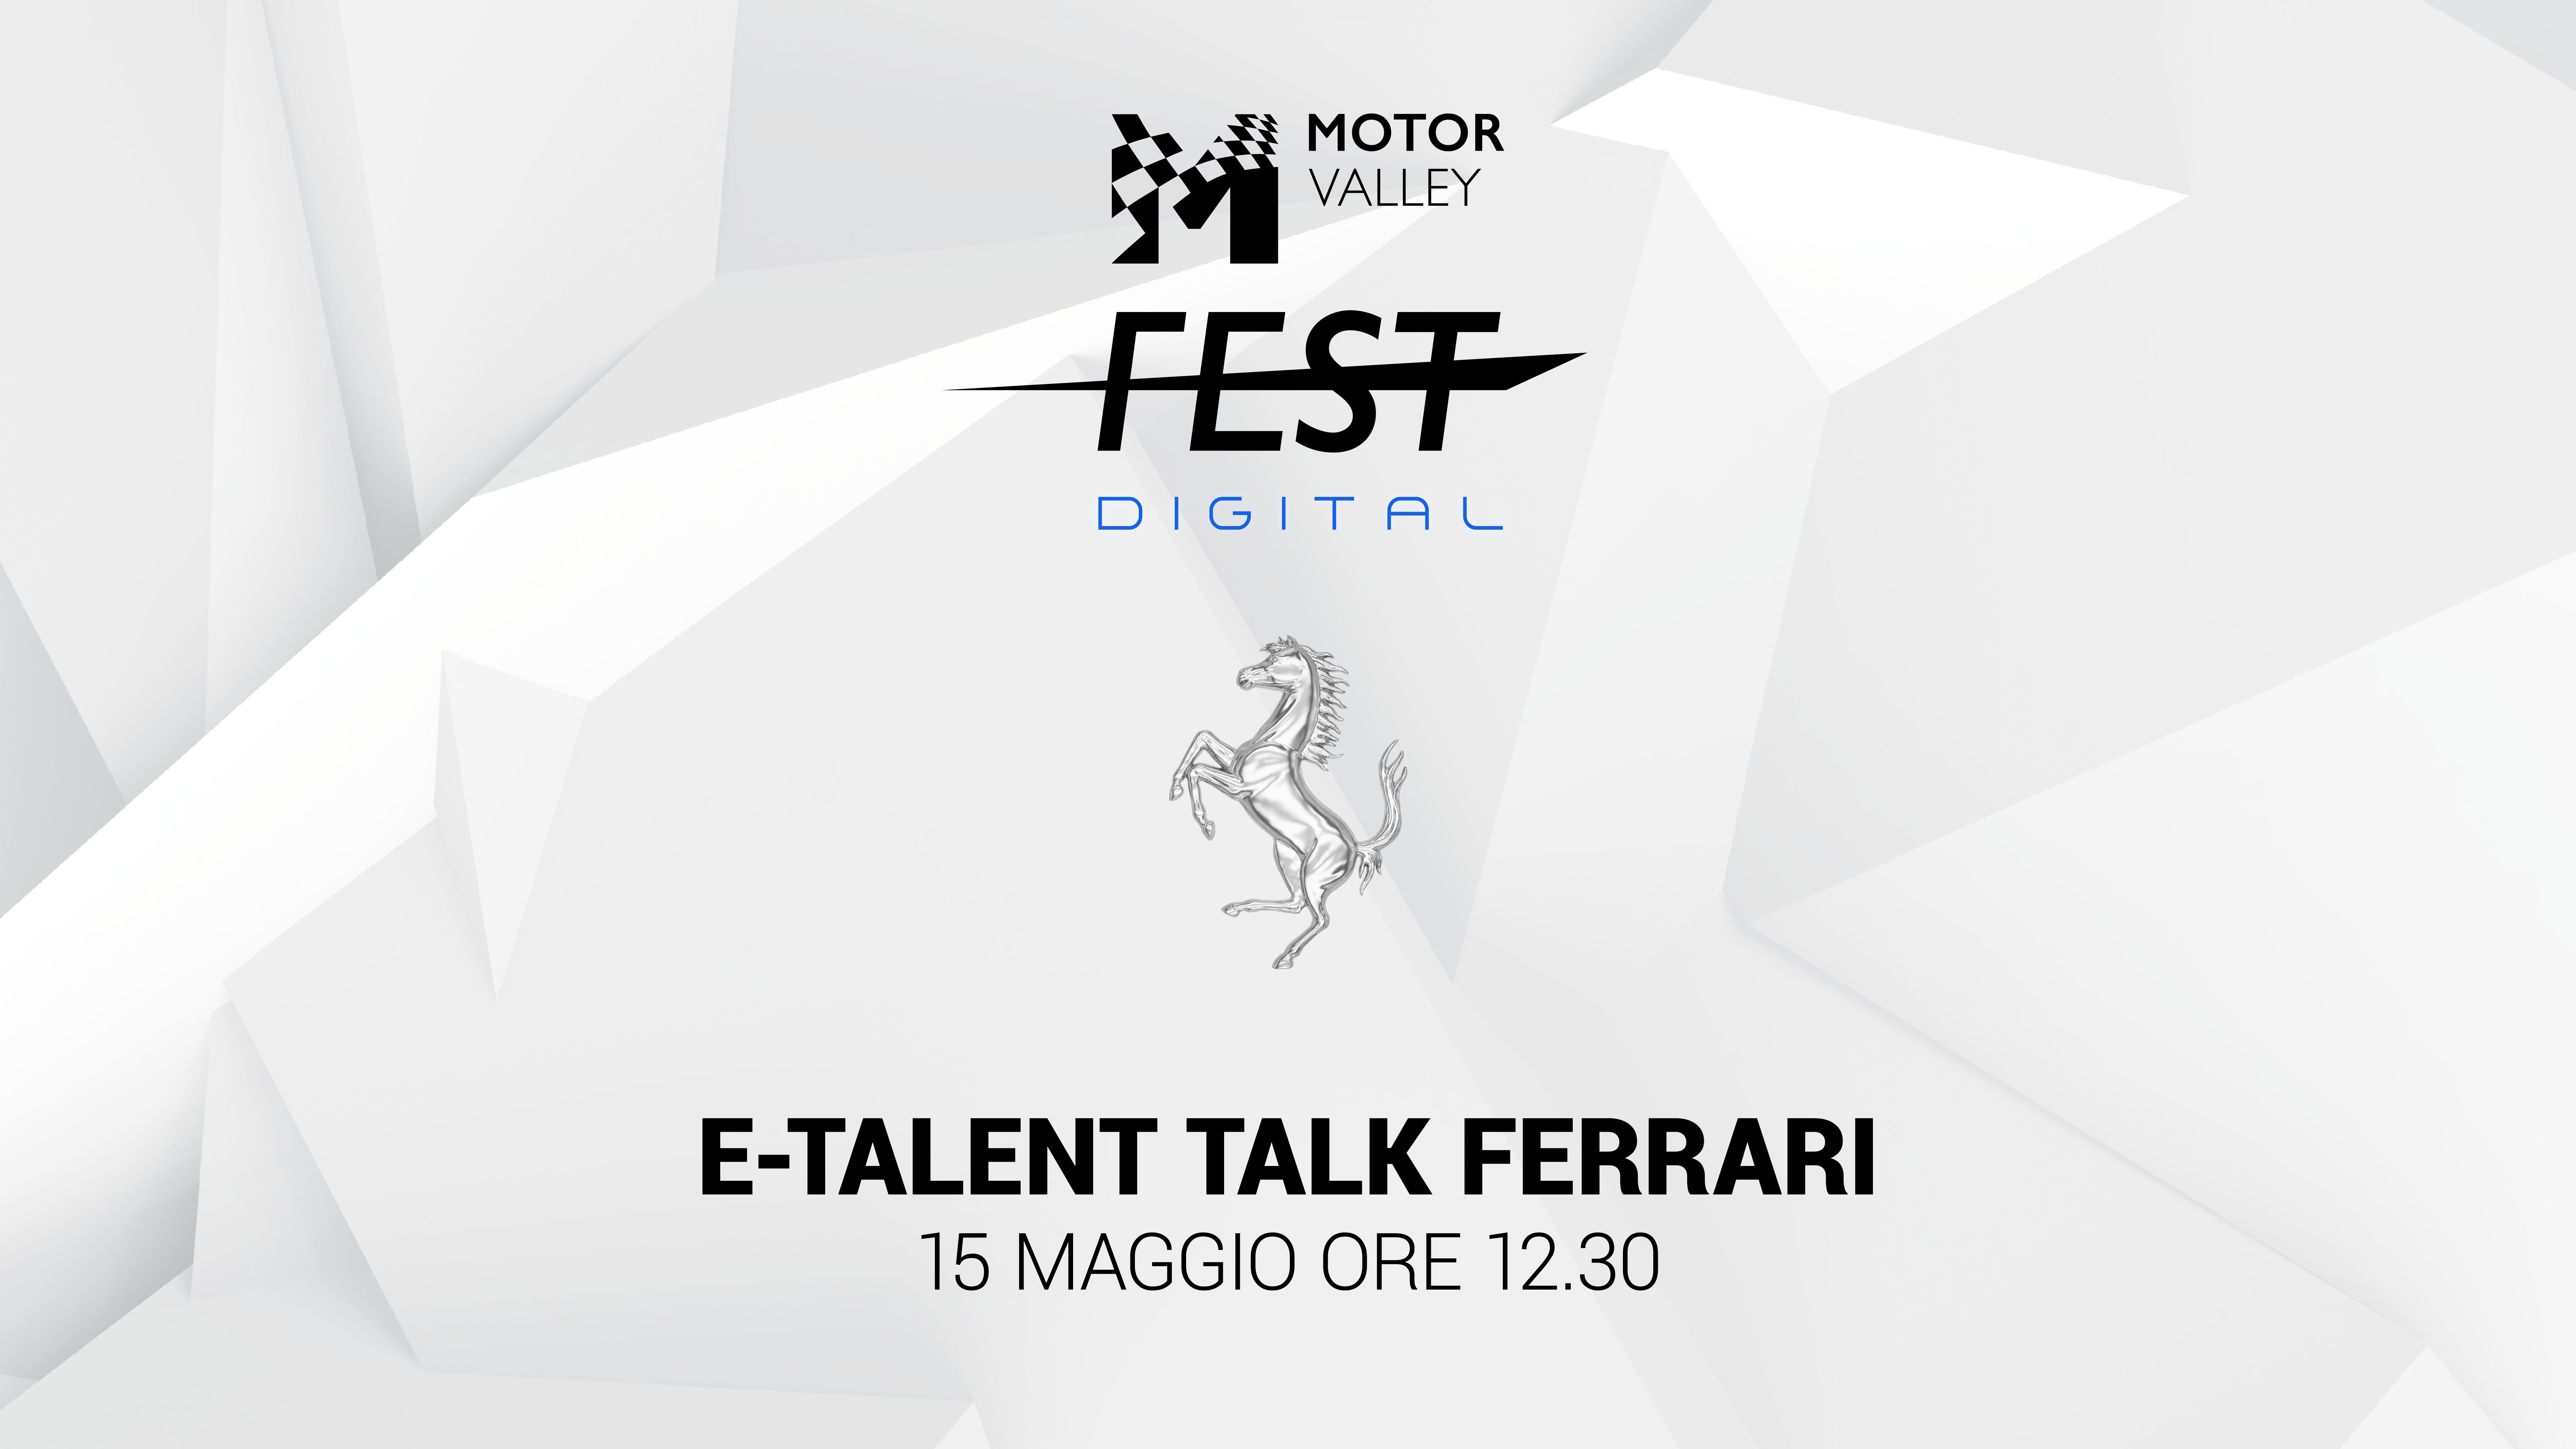 E-Talent Talk - Ferrari